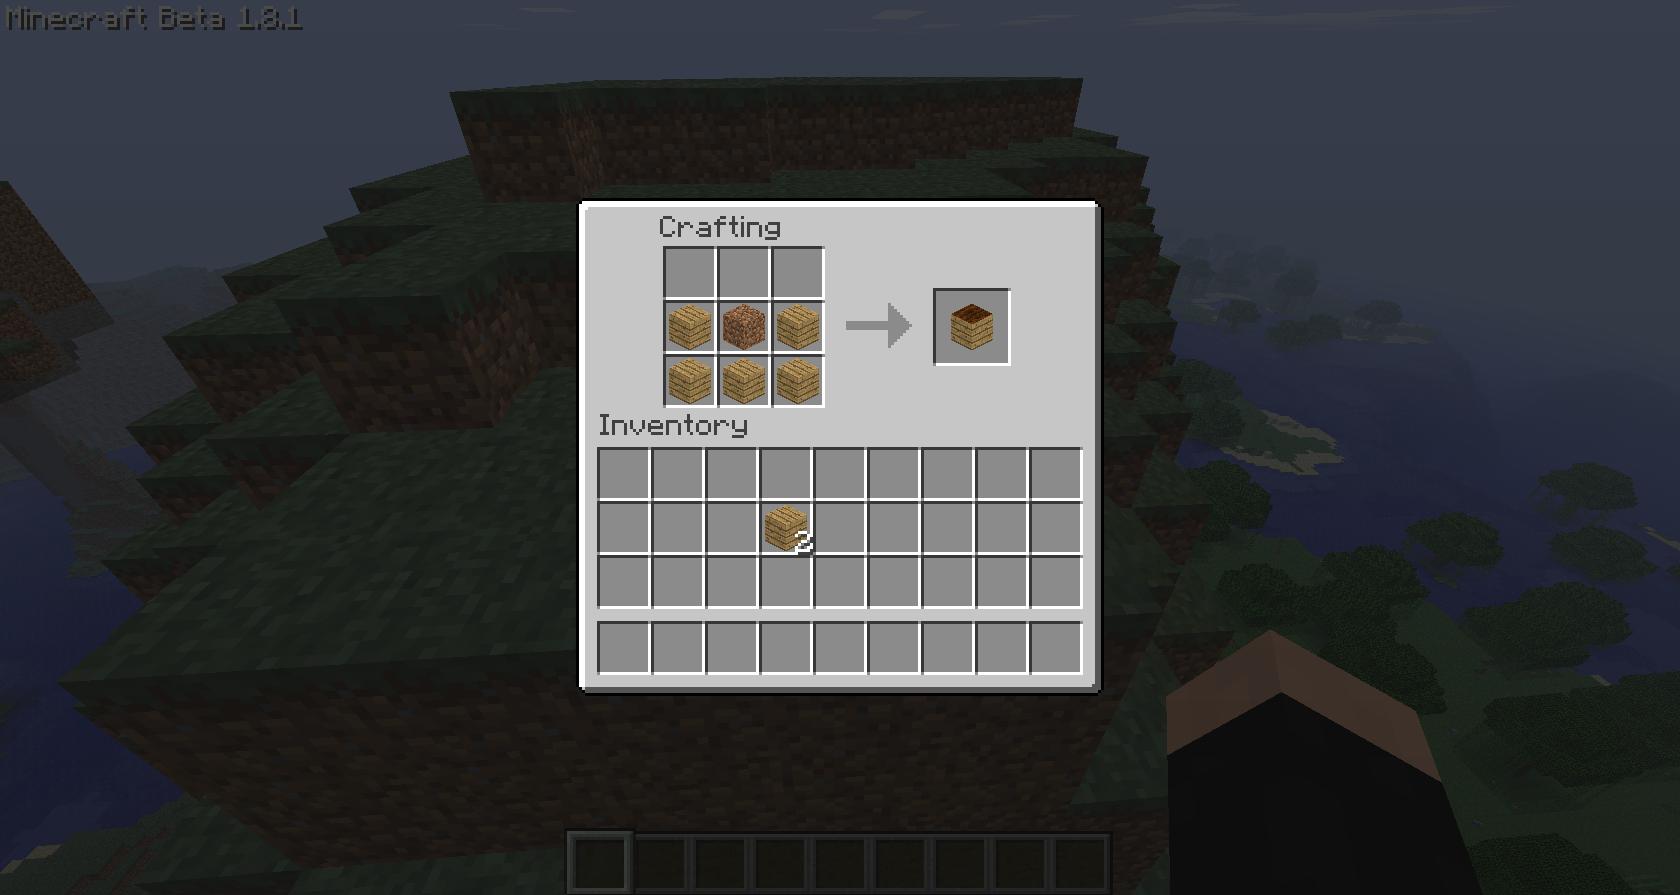 1 1 gardencraft - Minecraft comment faire une table de craft ...